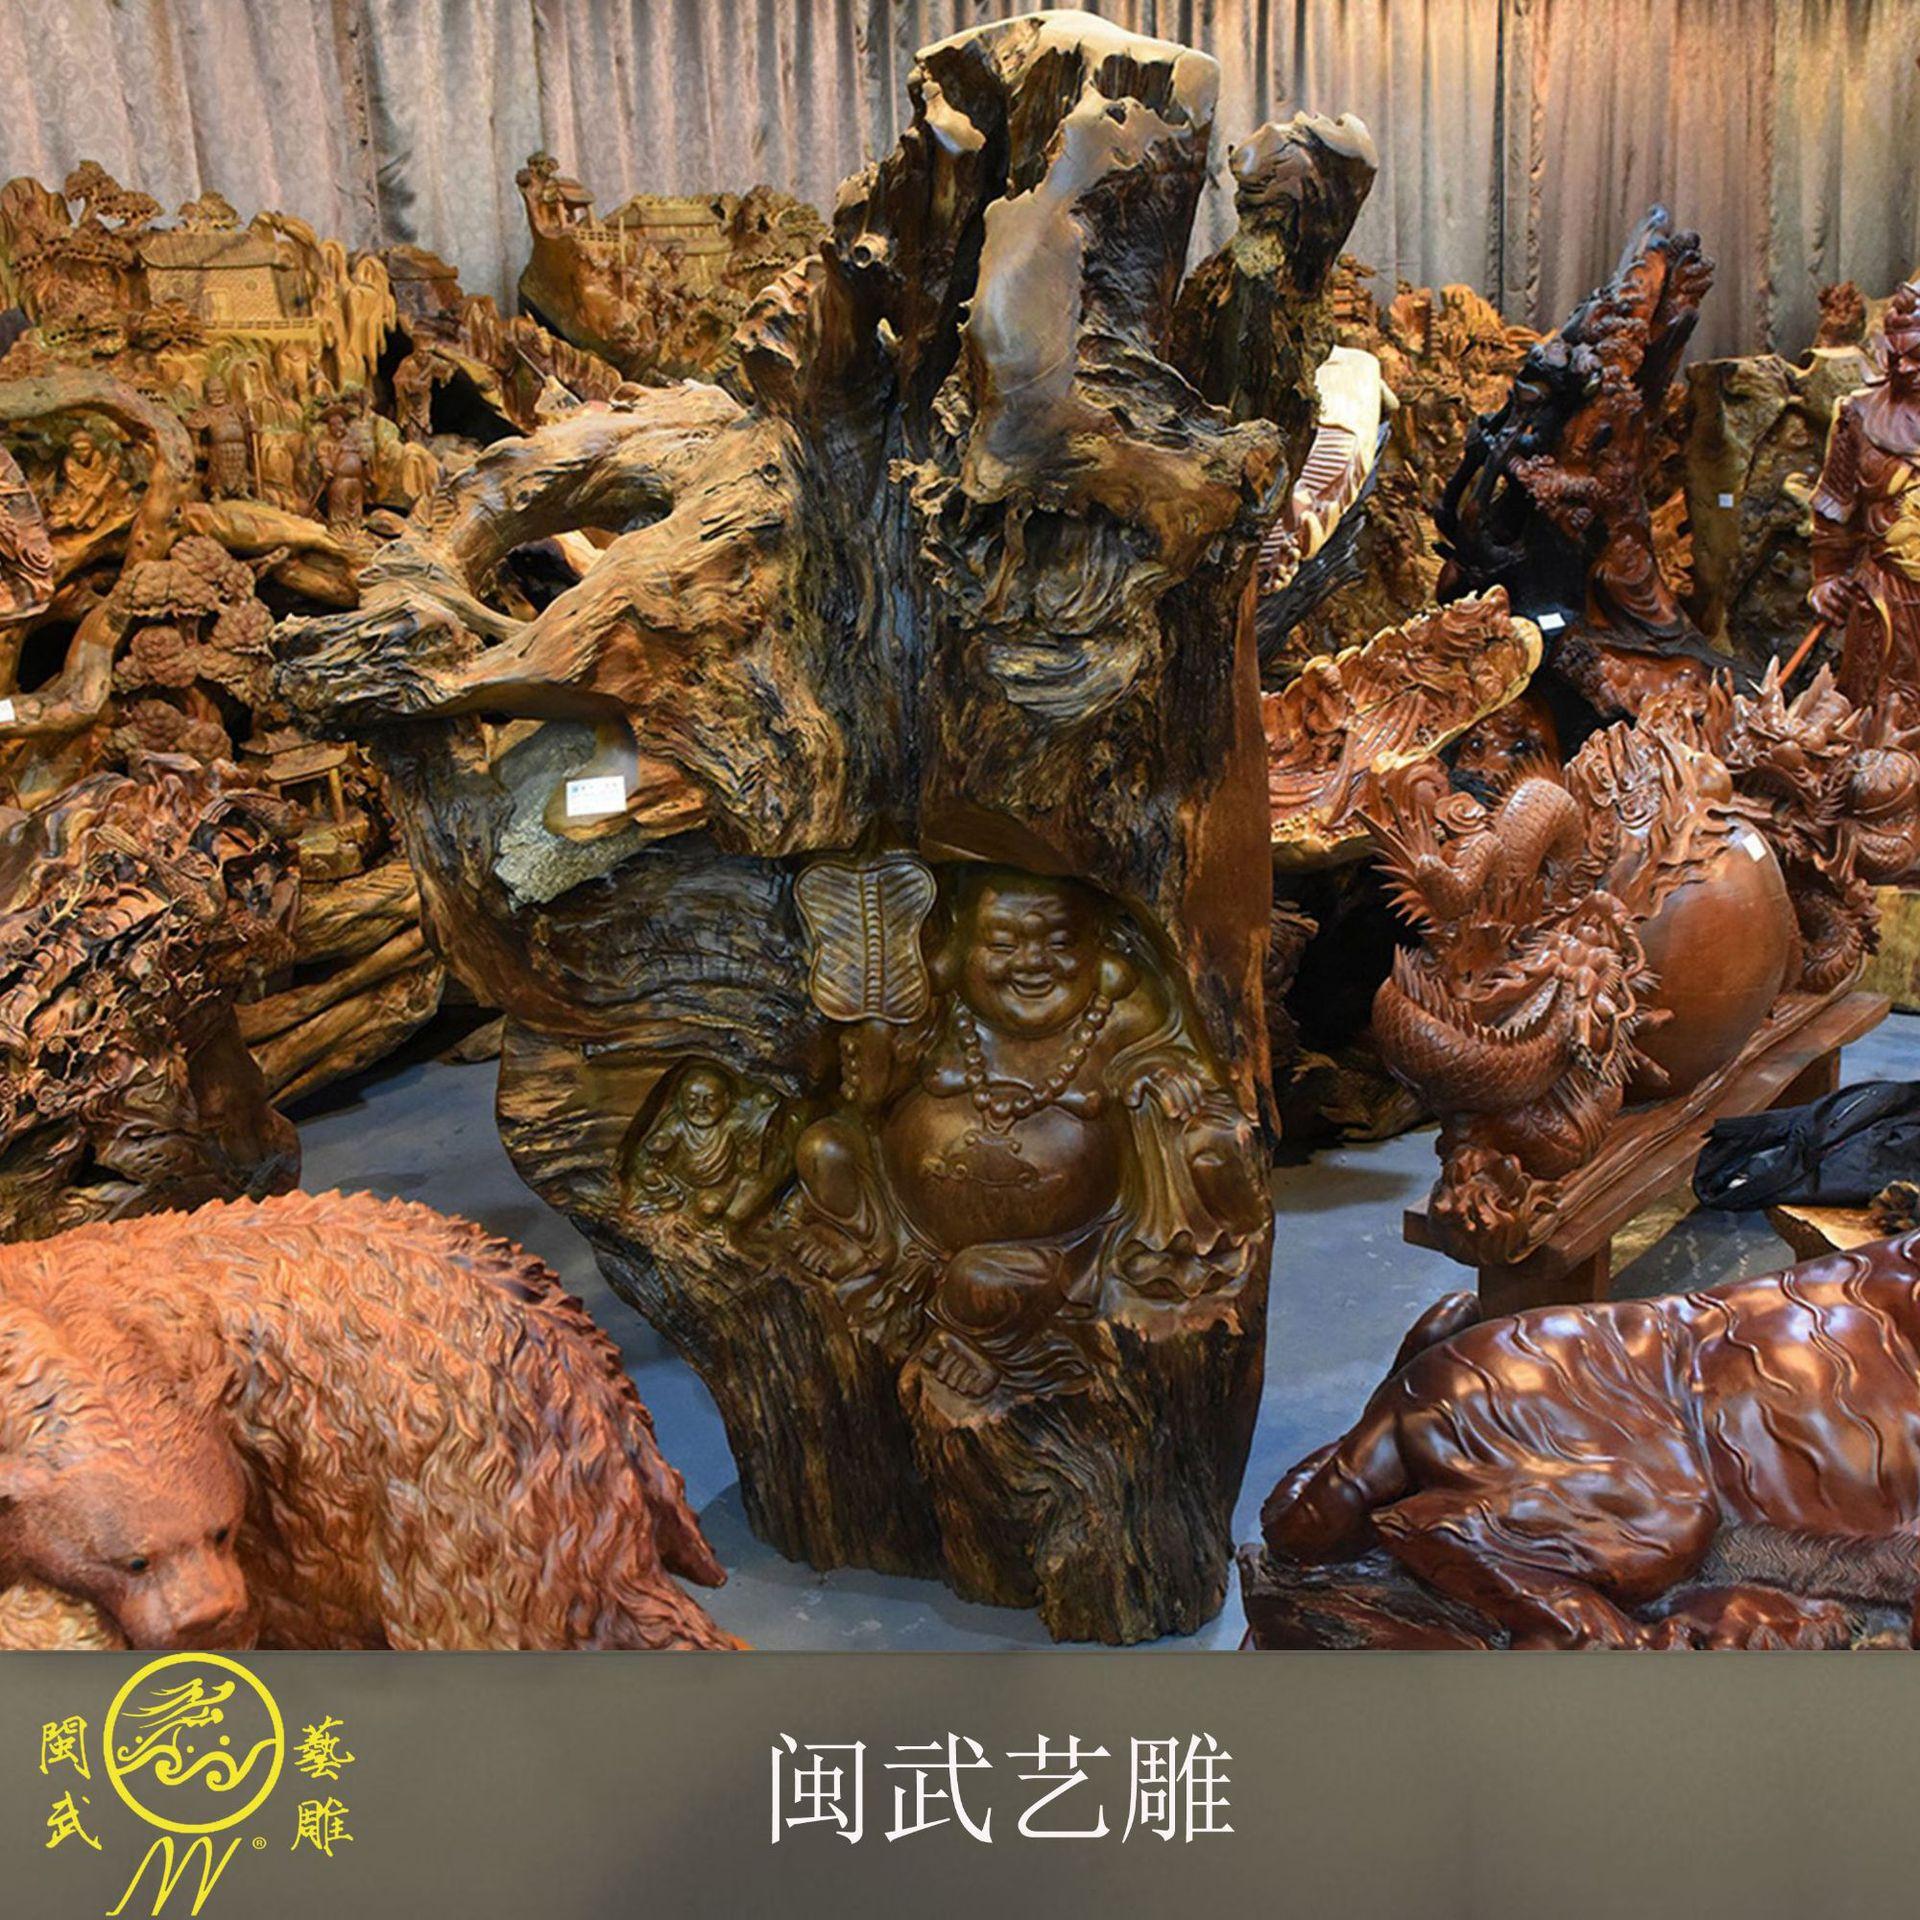 楠木 弥勒佛像 佛像摆件 会所摆件礼品 工艺品 厂家直销现货